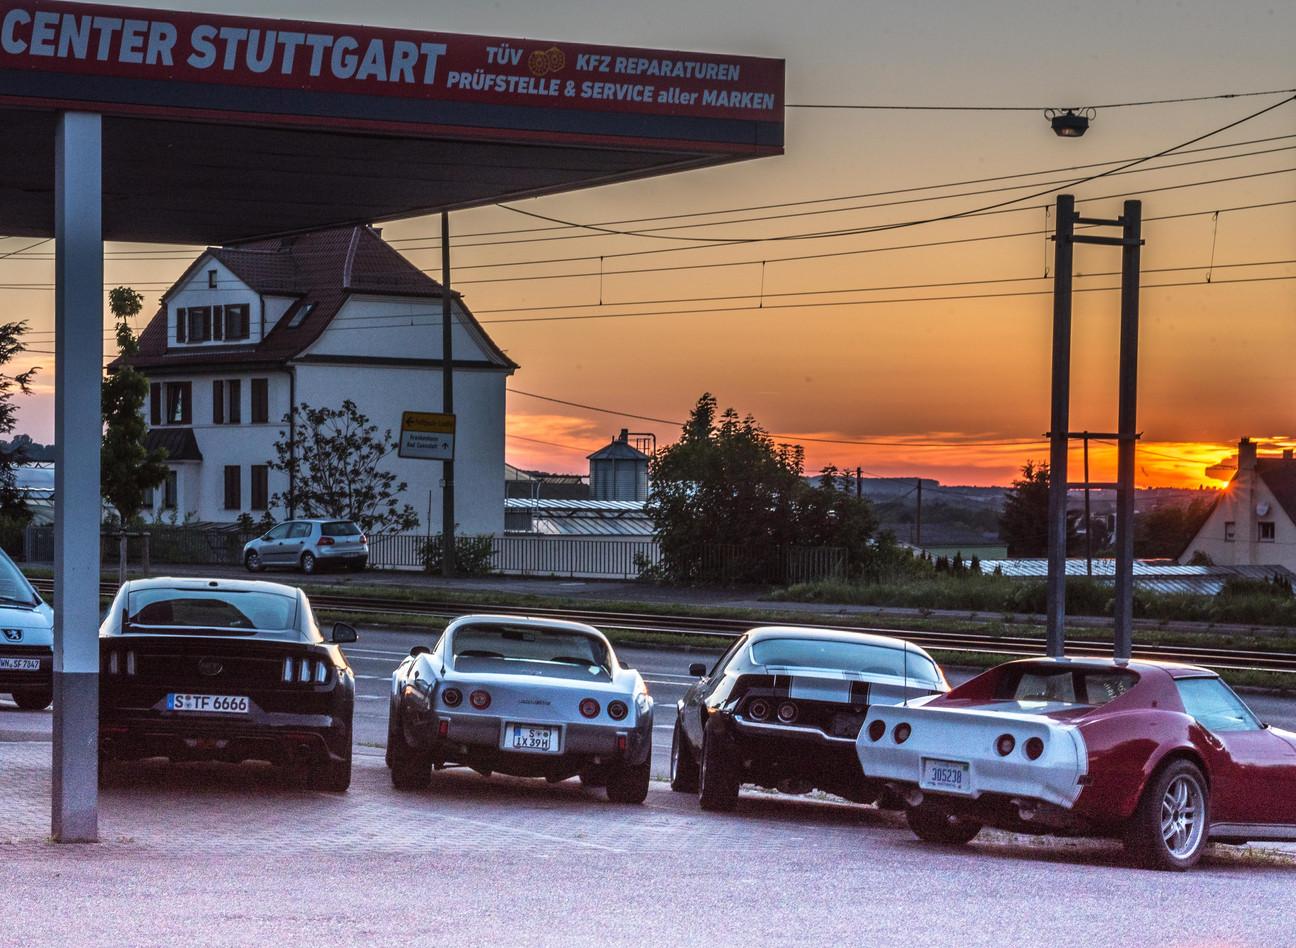 Autogascenter Stuttgart-37.jpg